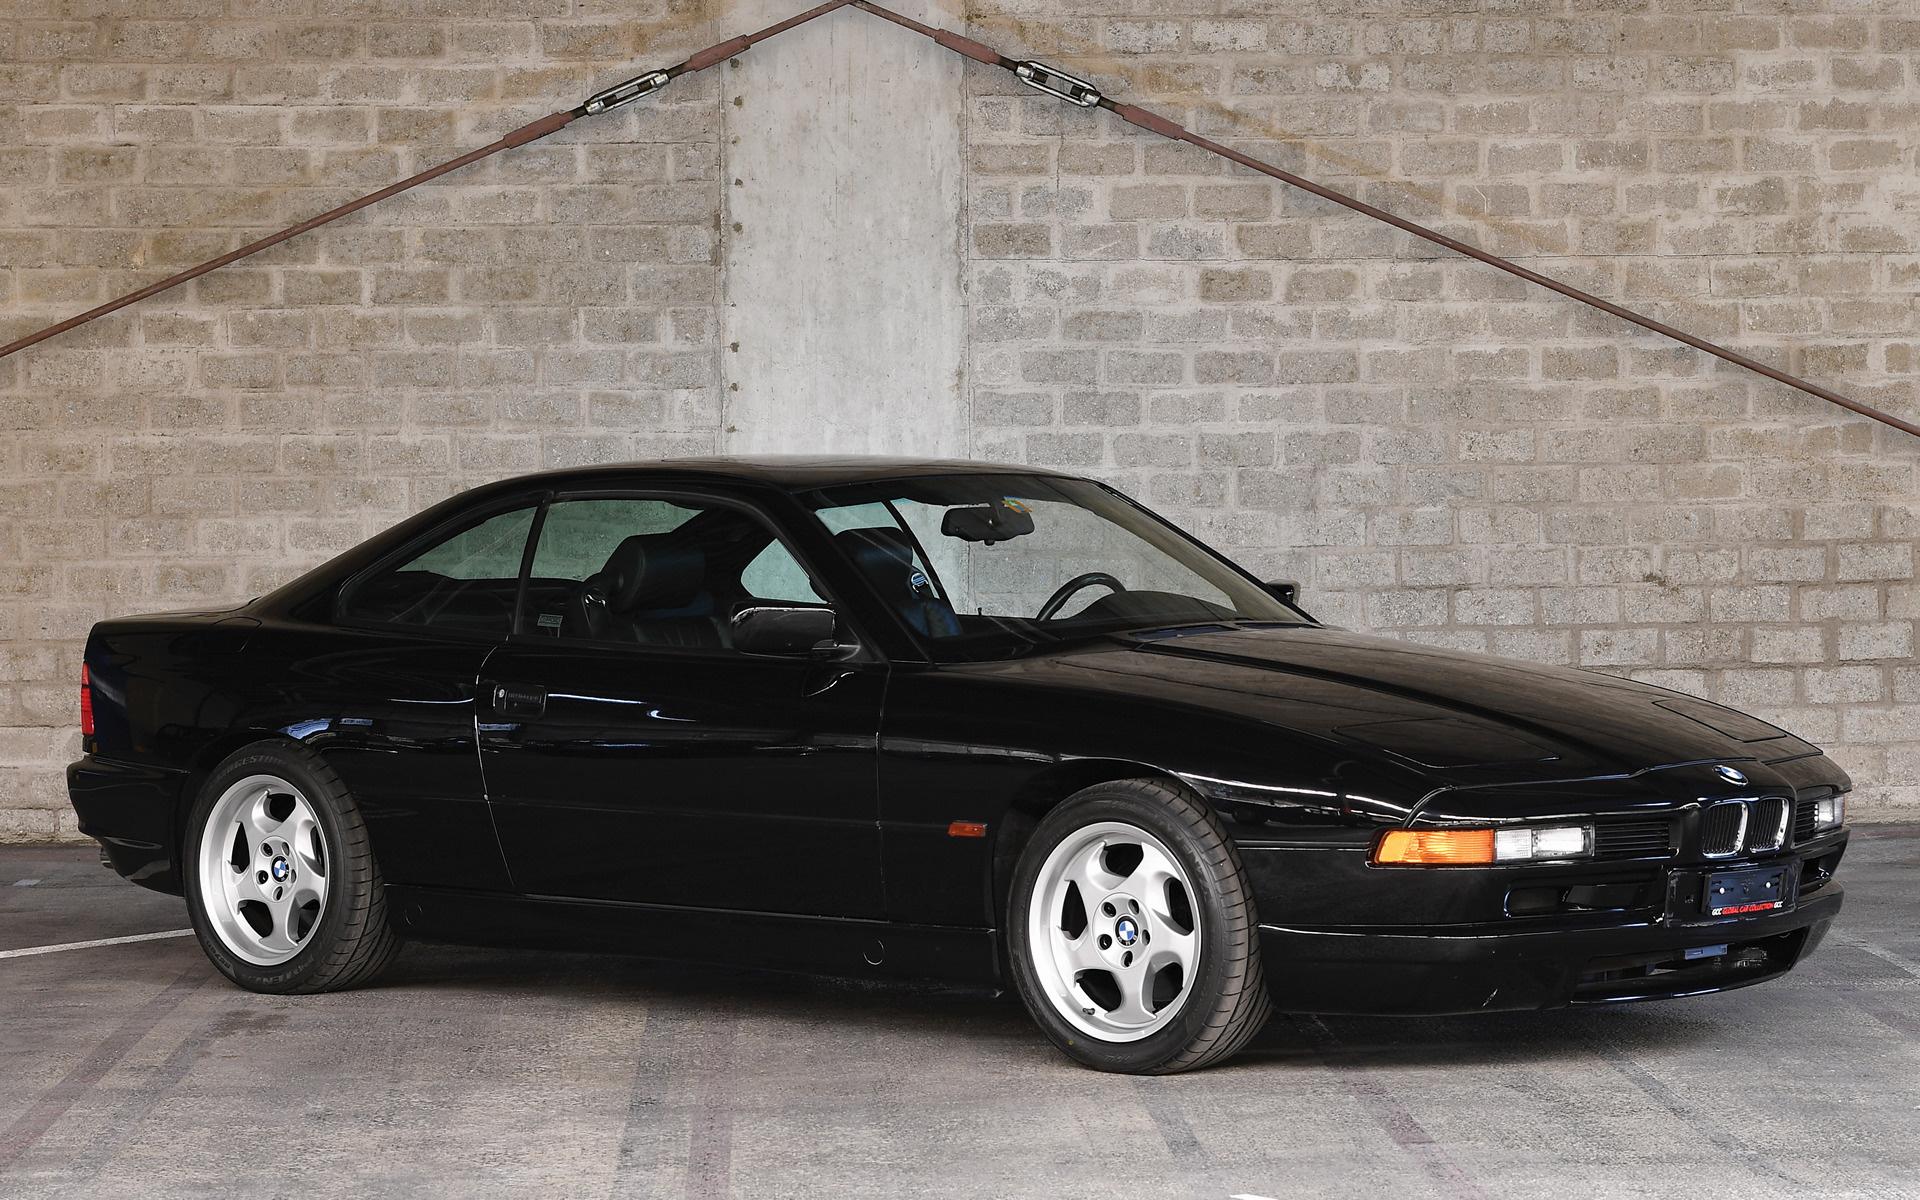 1993 Bmw 850 Csi Coupe Us Hintergrundbilder Und Wallpaper In Hd Car Pixel